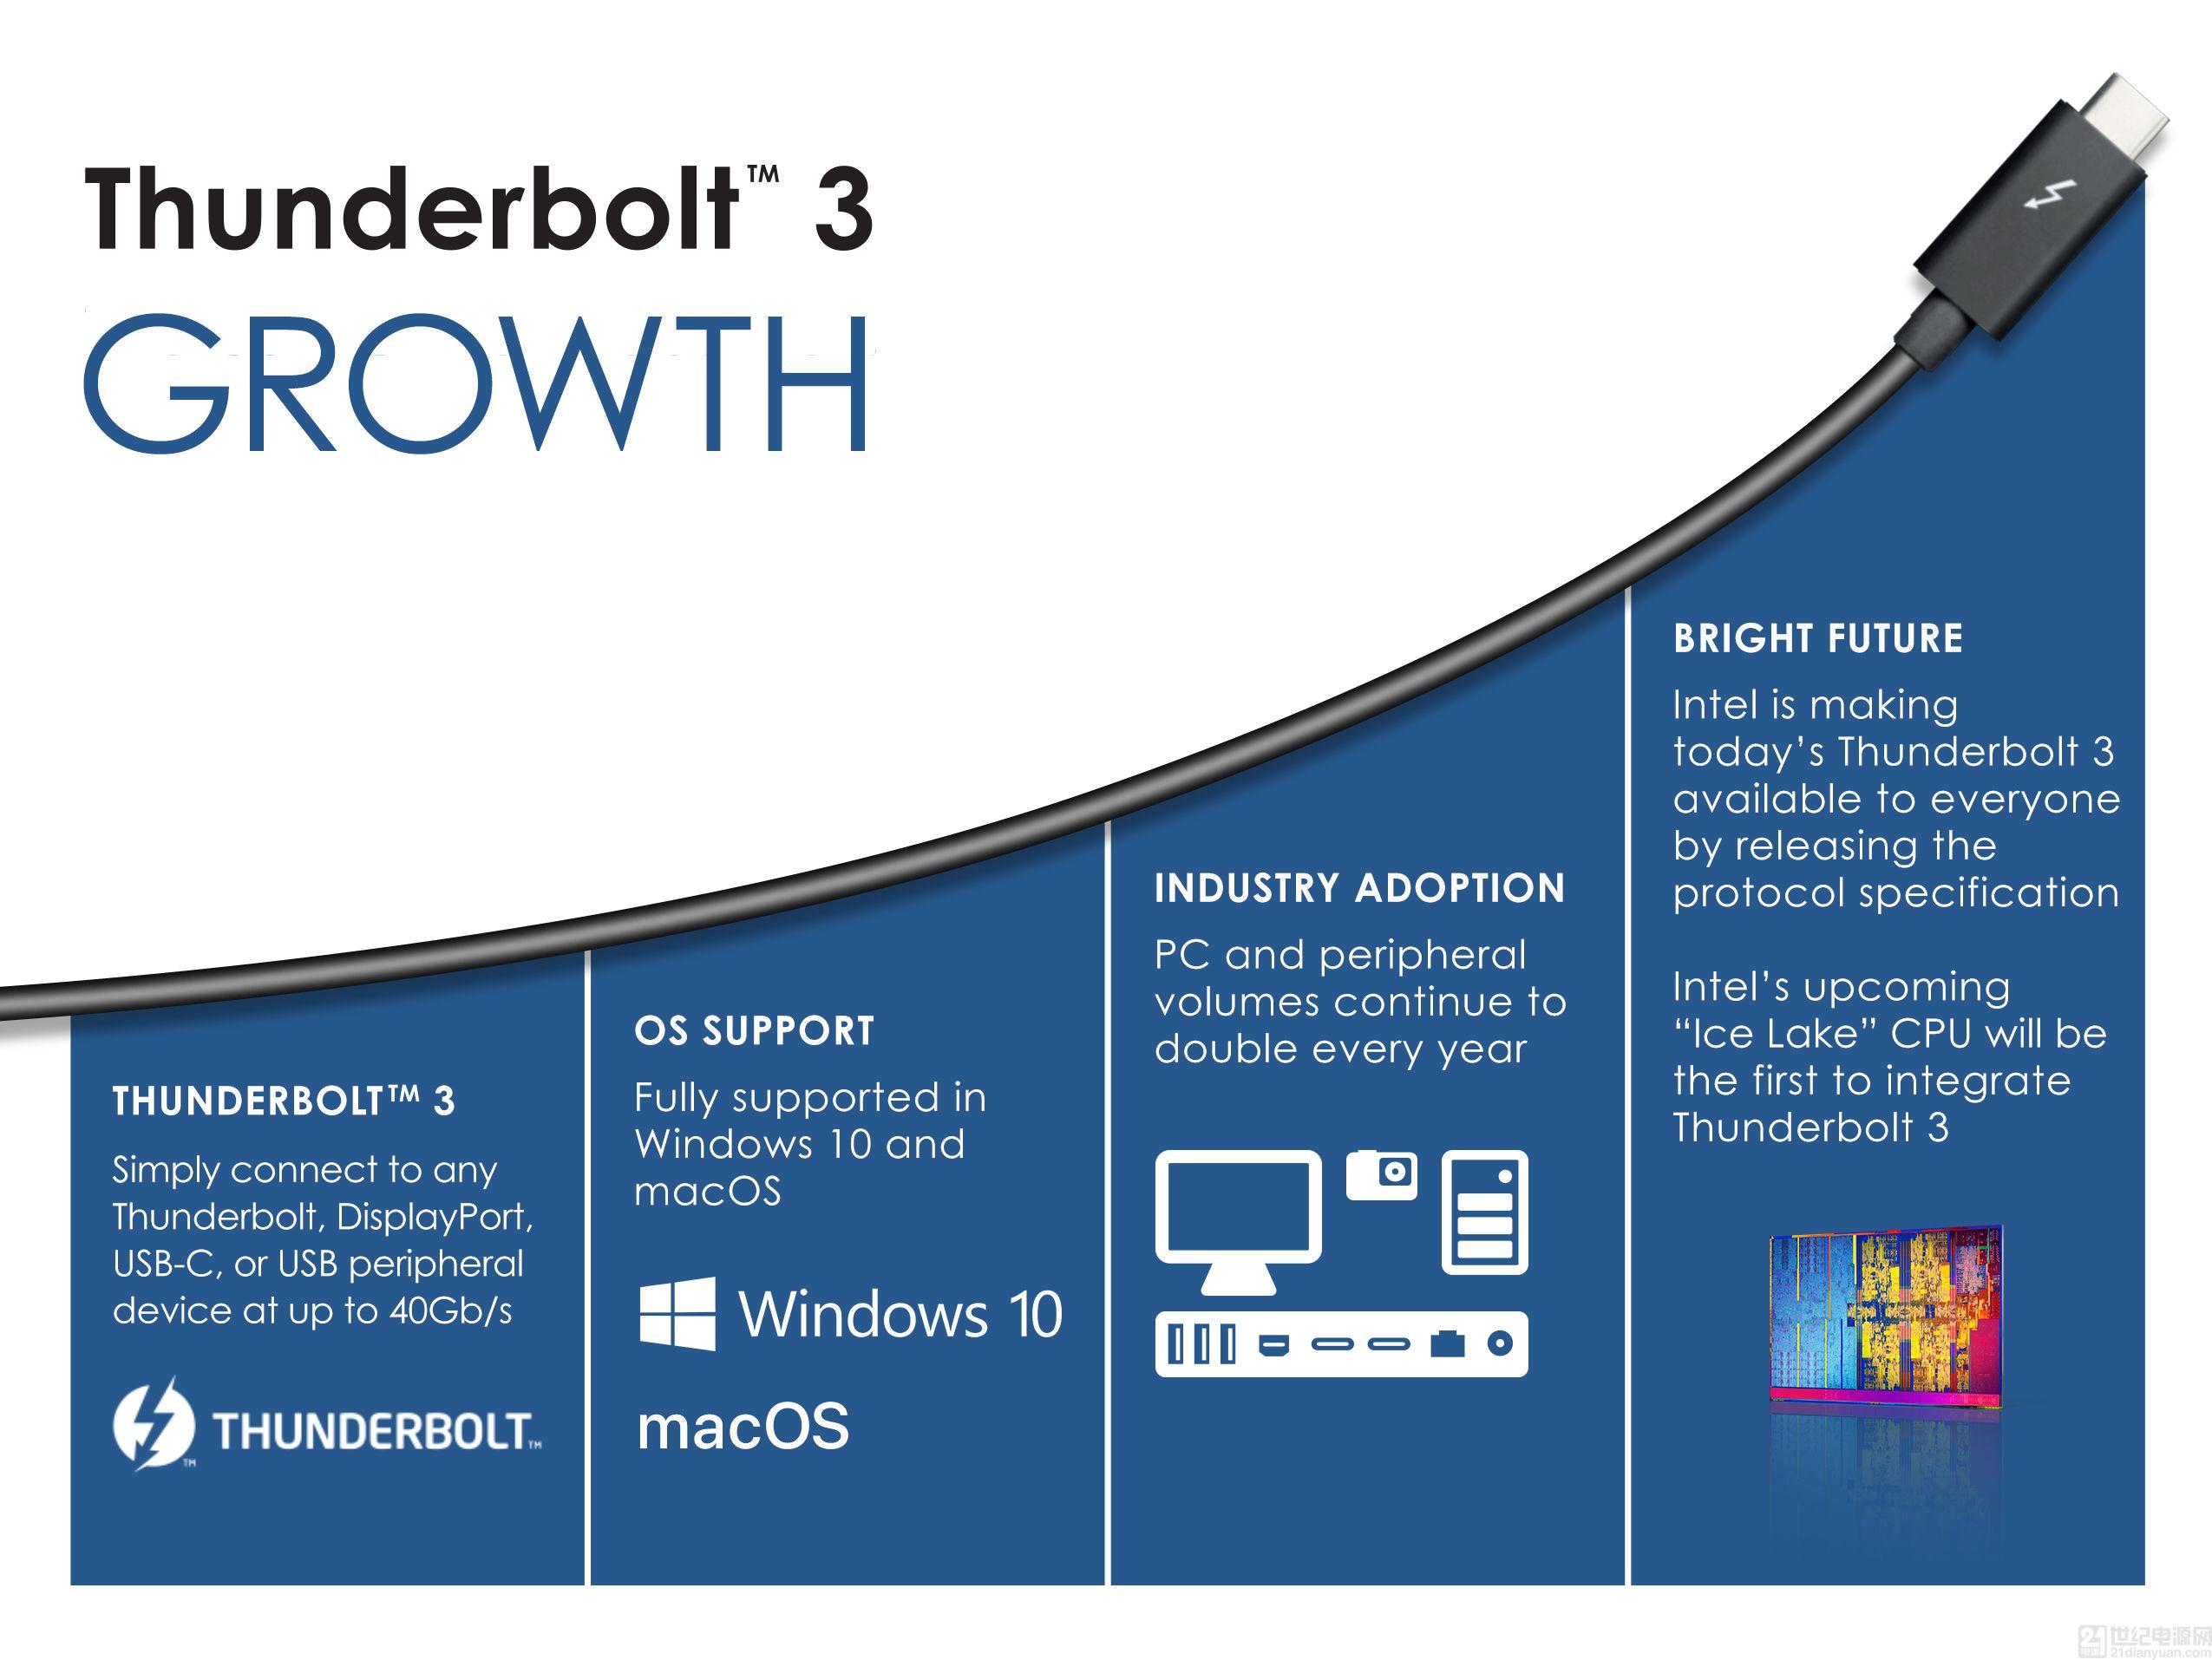 英特尔开放 Thunderbolt3 协议,推进新接口标准普及